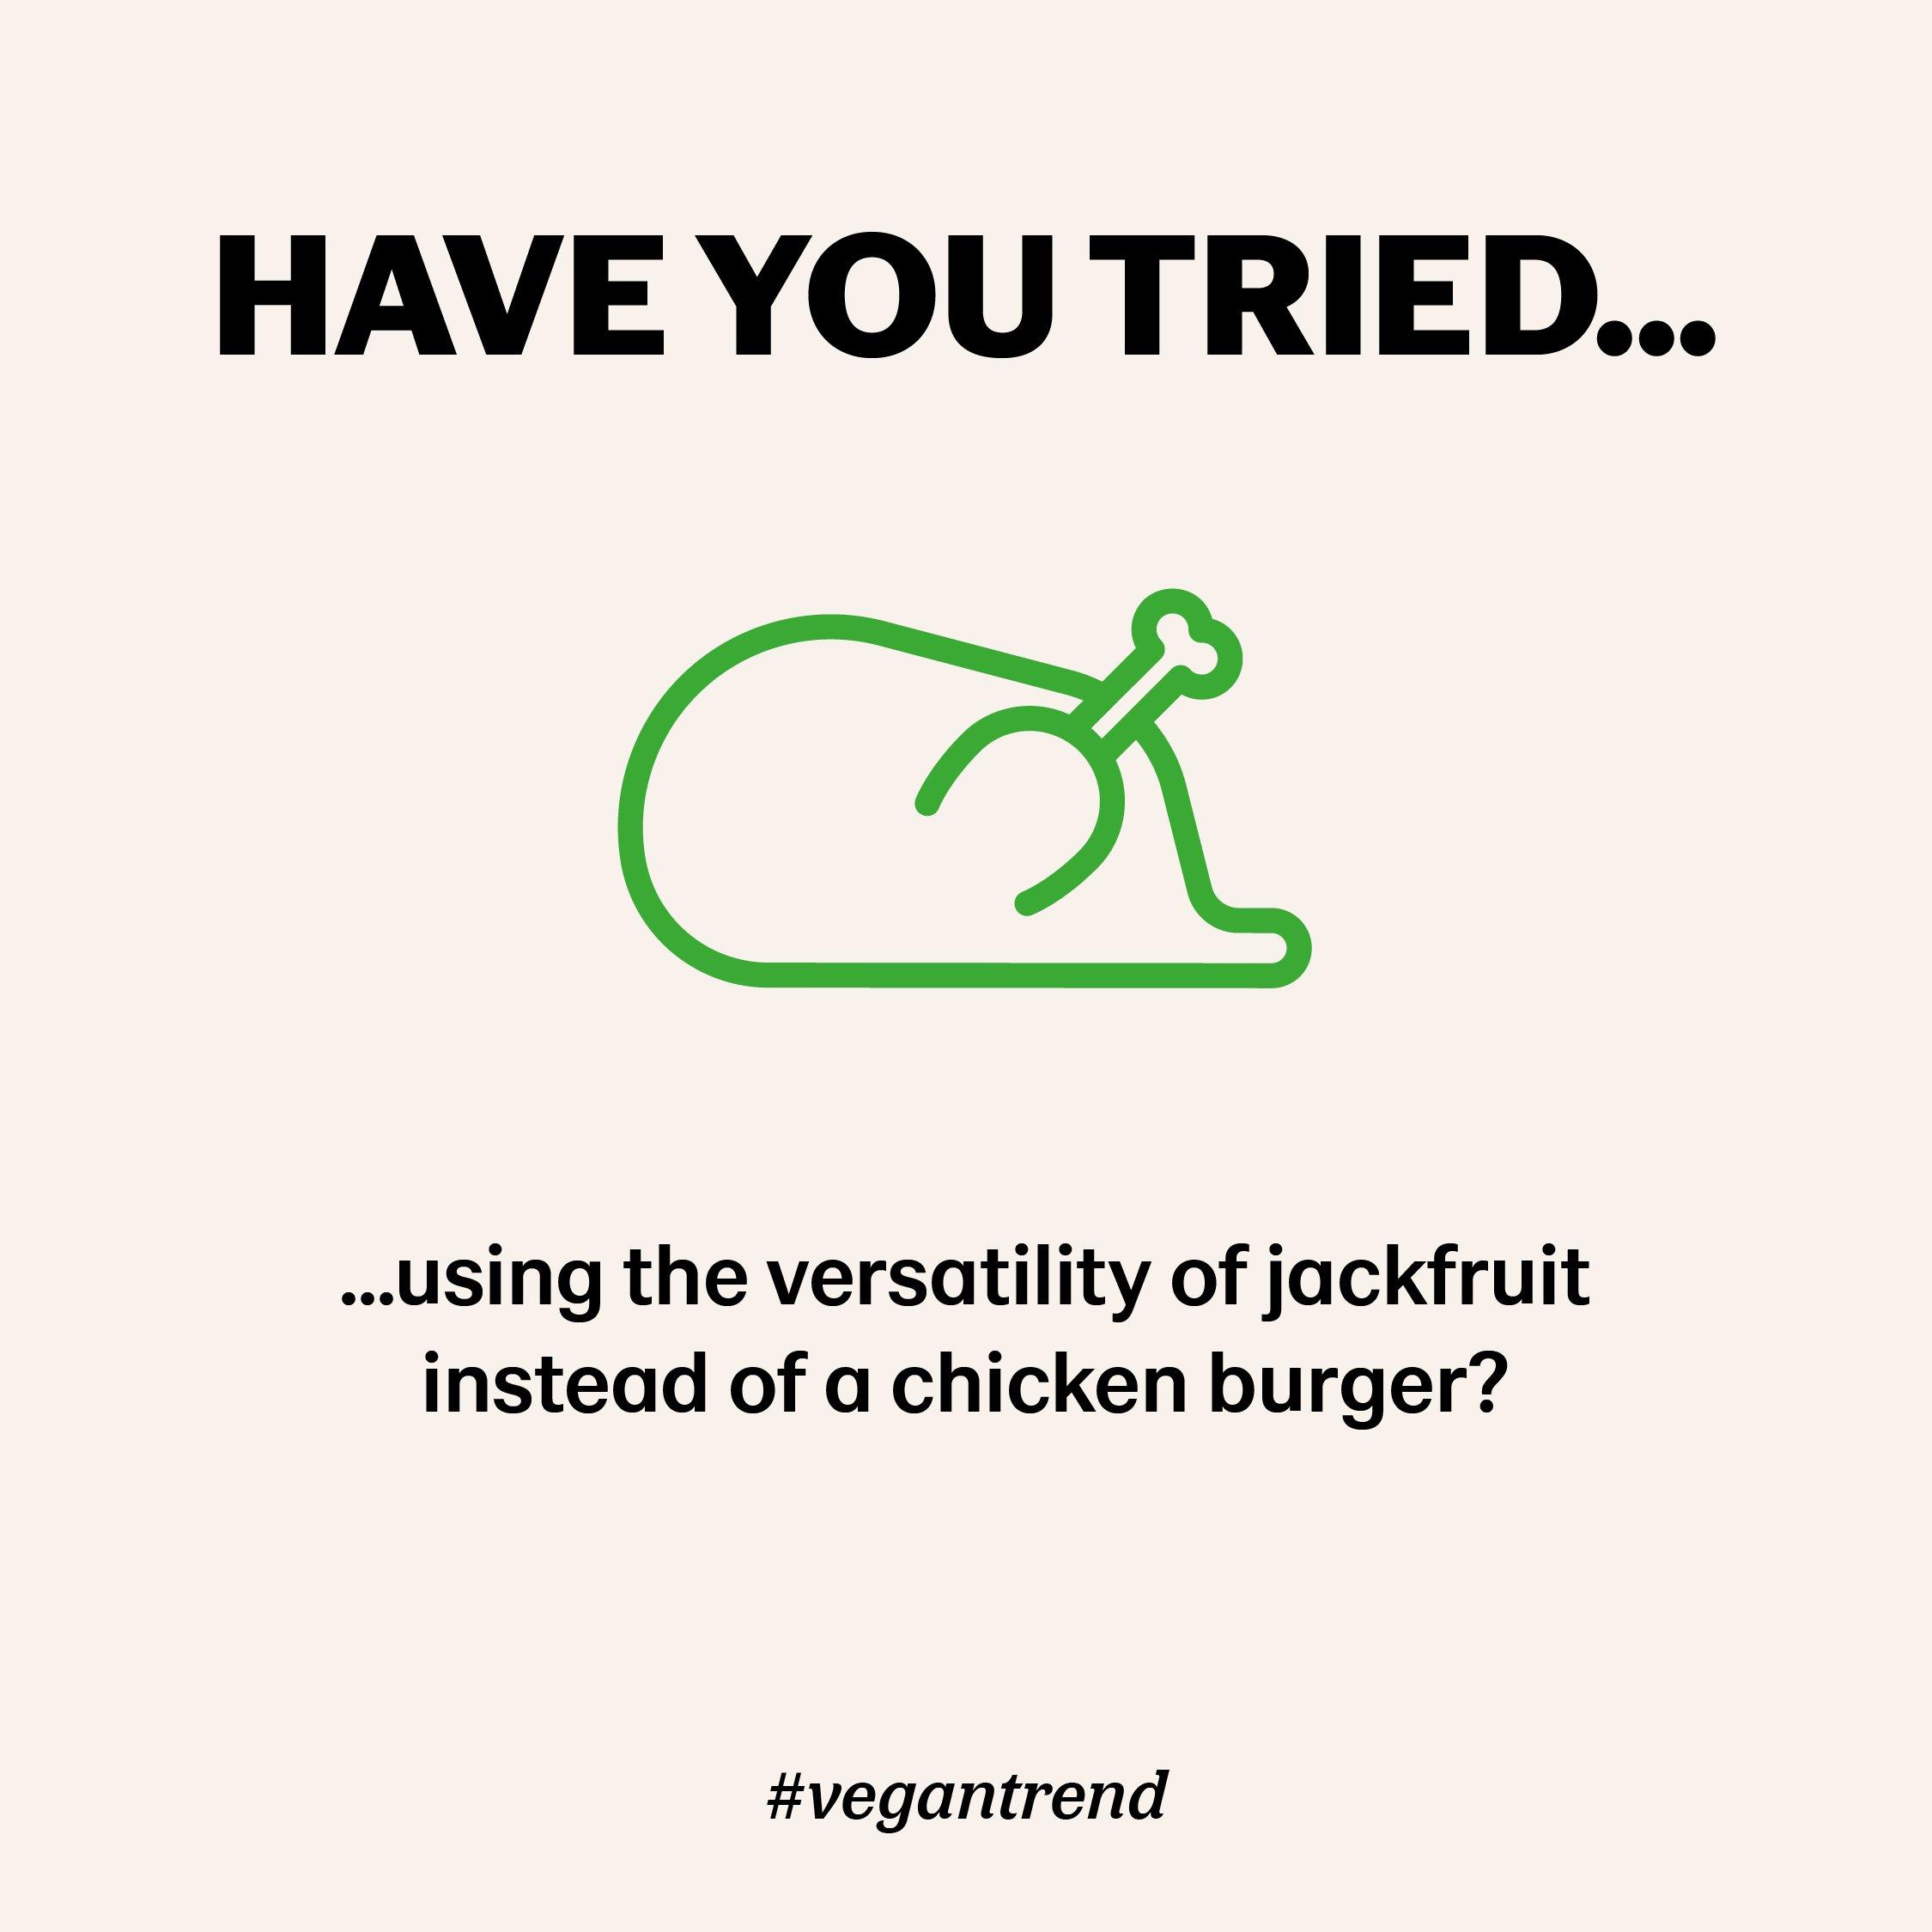 Meat free jackfruit instead of chicken